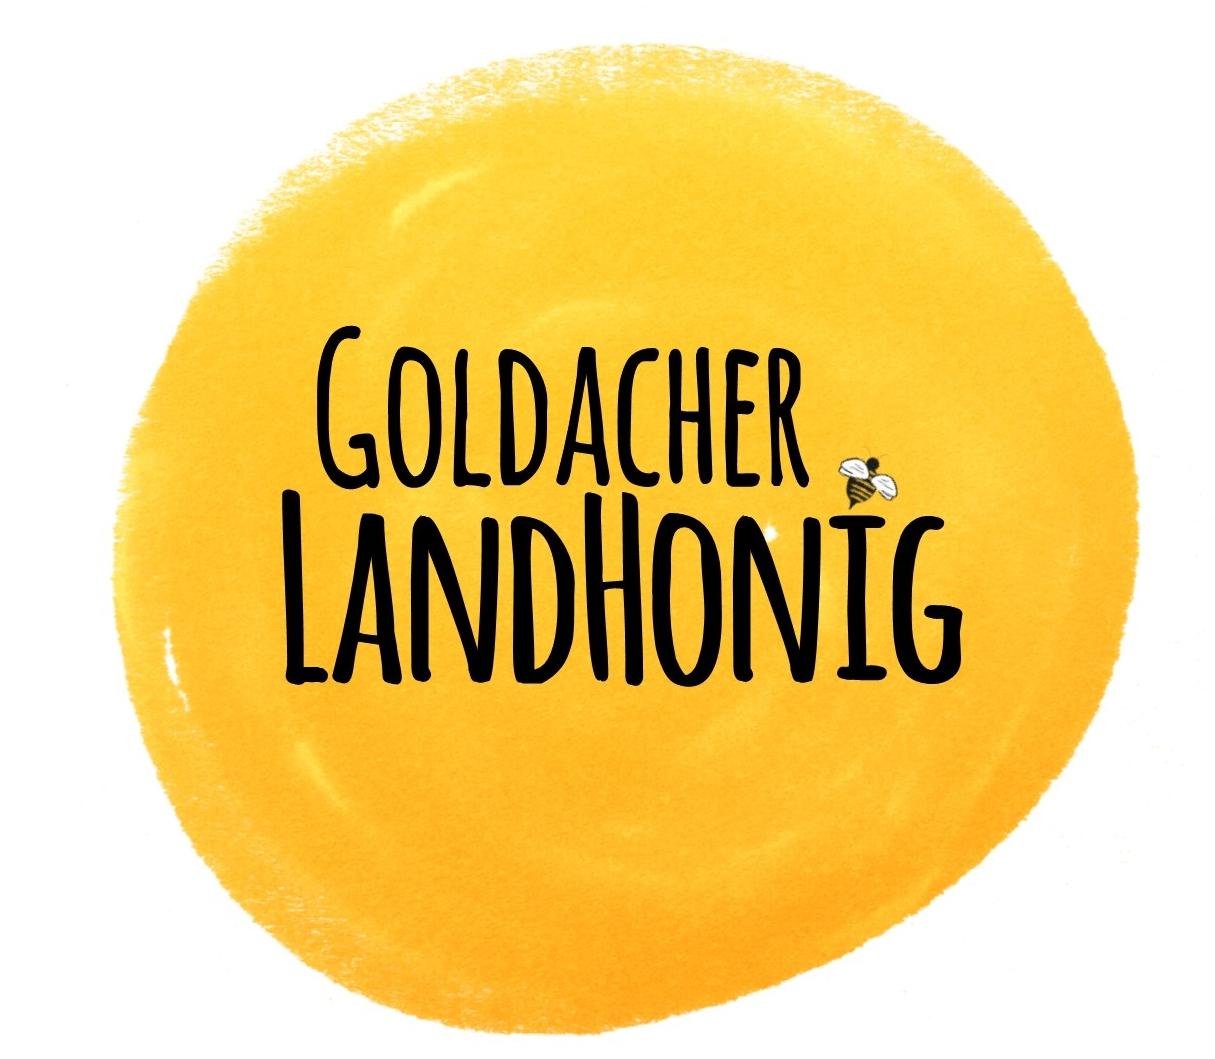 Goldacher Landhonig